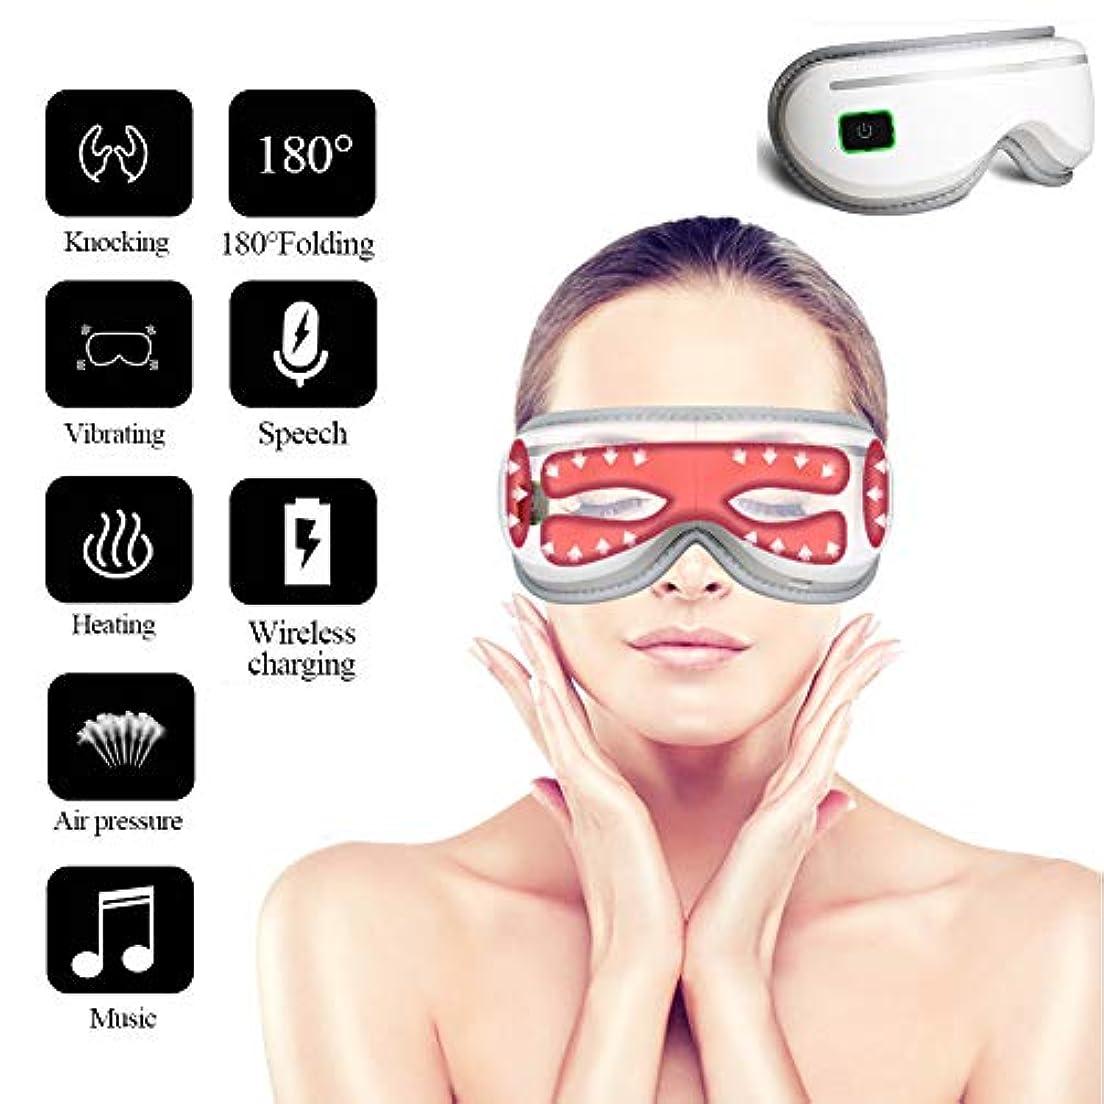 バスルーム頂点専門電動アイマッサージマスク音楽頭痛ストレスリリーフ折り畳み式マシンのための3つのモードでリラックス空気圧、熱圧縮、振動マッサージ、ウォシュレットギフト